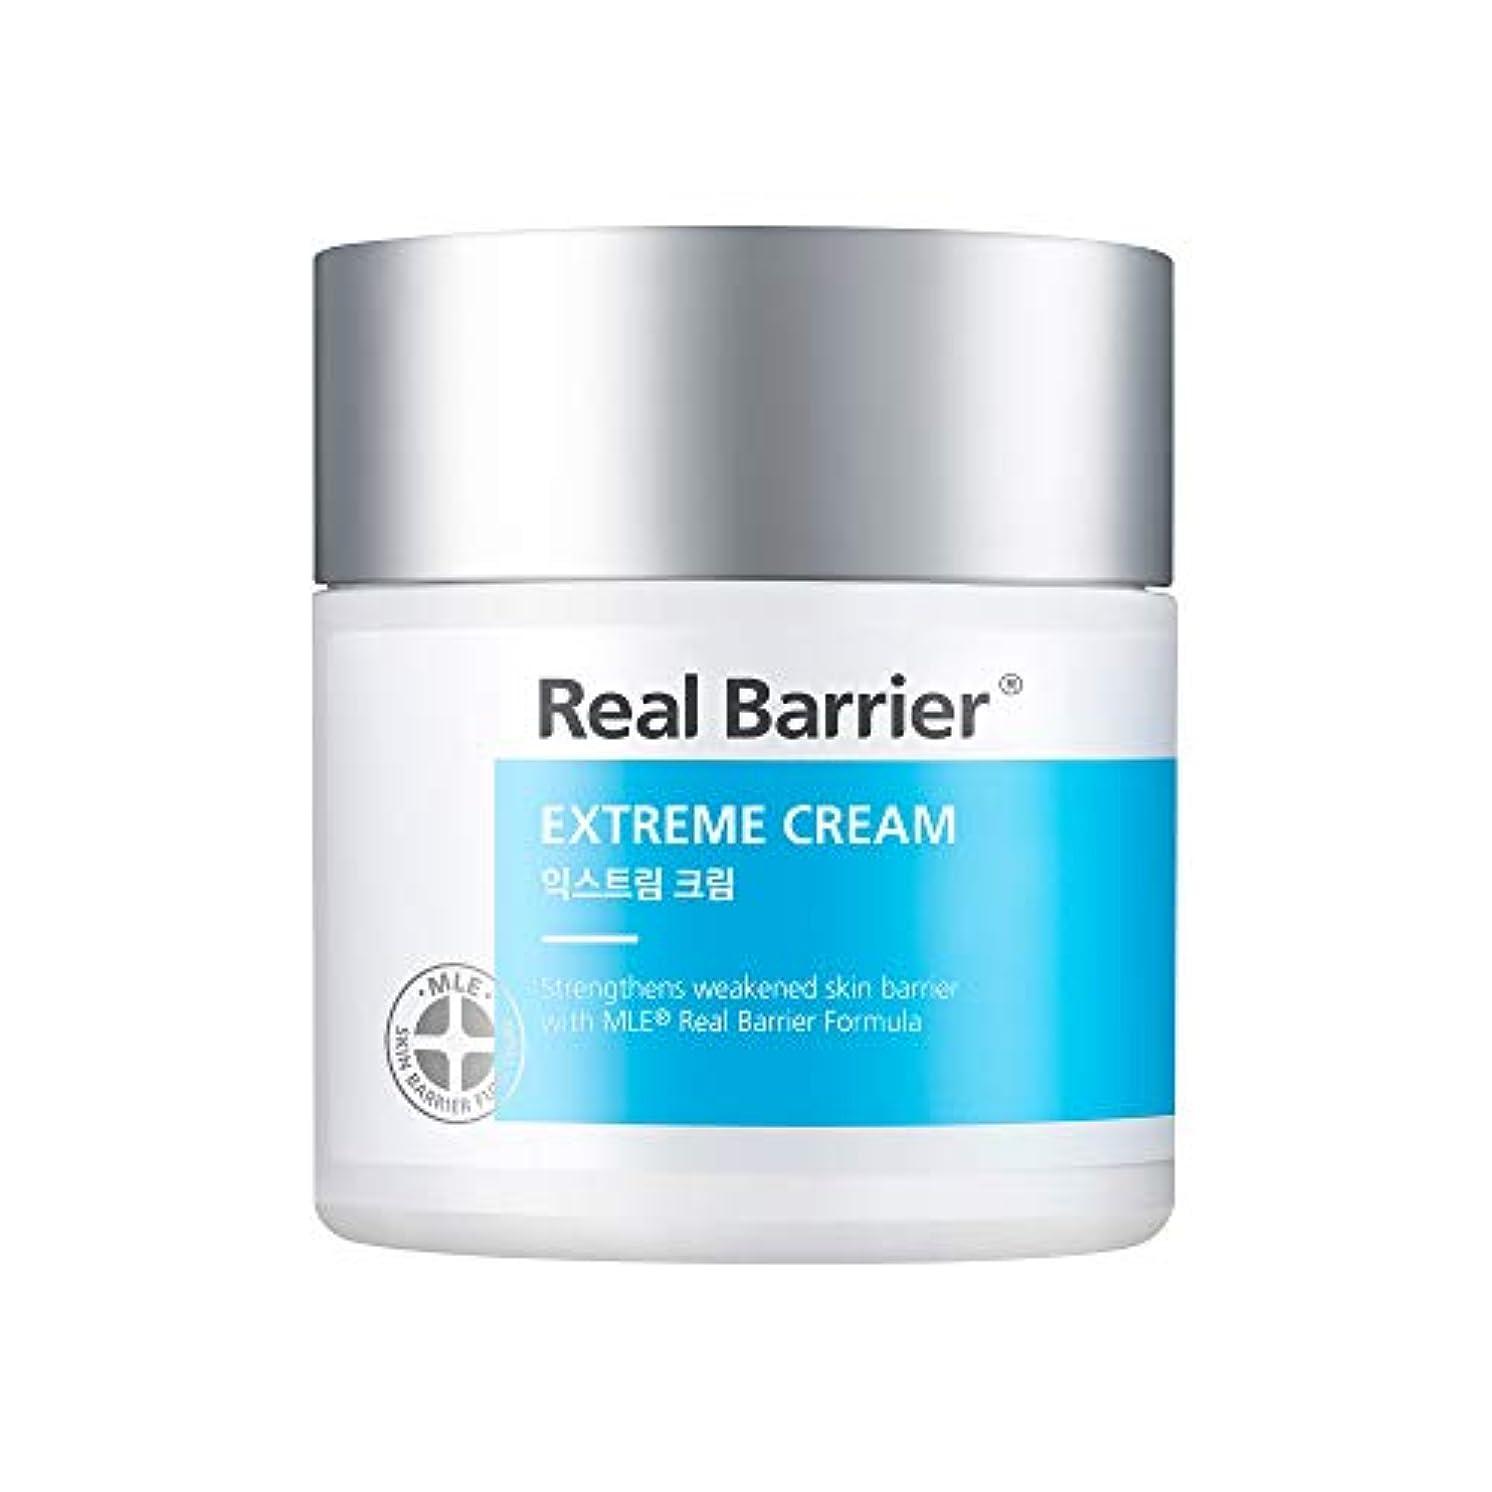 行商人ソファー特別なアトパーム(atopalm) リアルベリアエクストリームクリーム/Atopam Real Barrier Extreme Cream